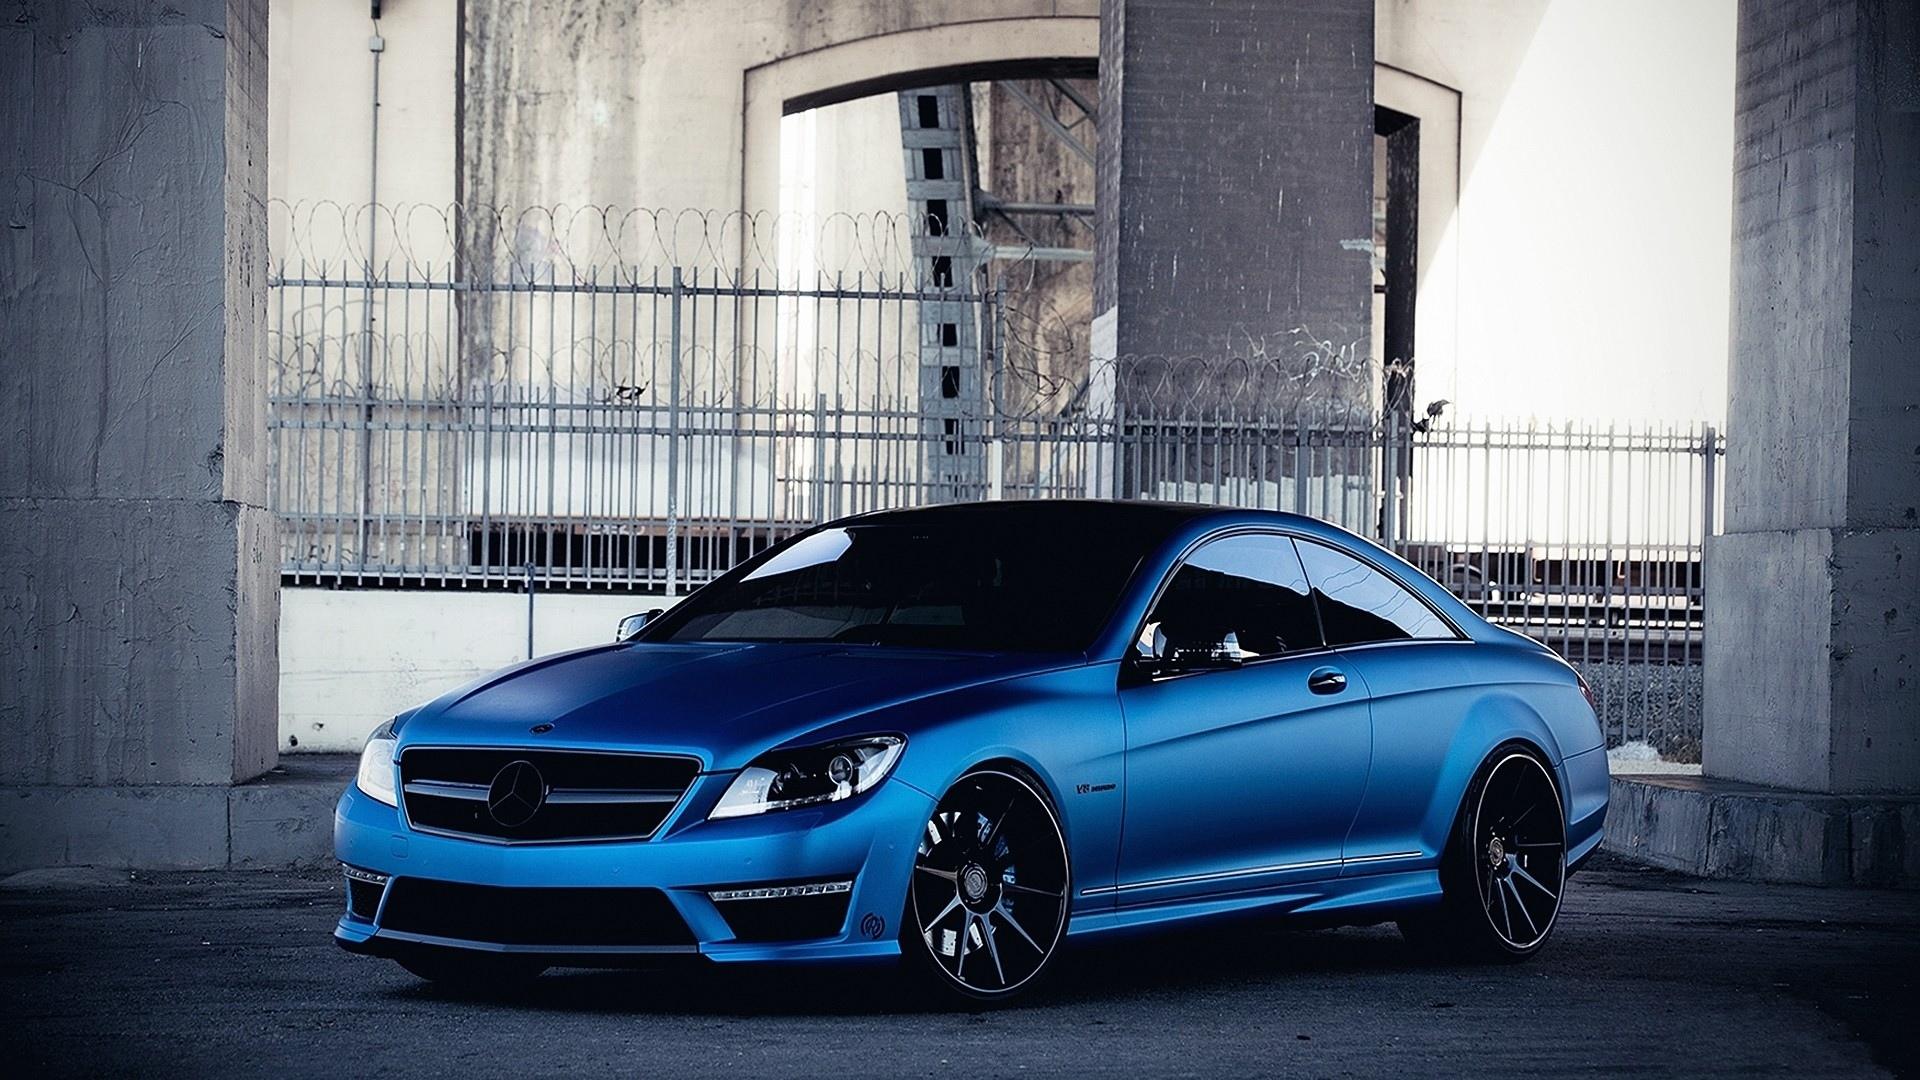 Mercedes-Benz CLS63 AMG синий автомобиль в хорошем качестве